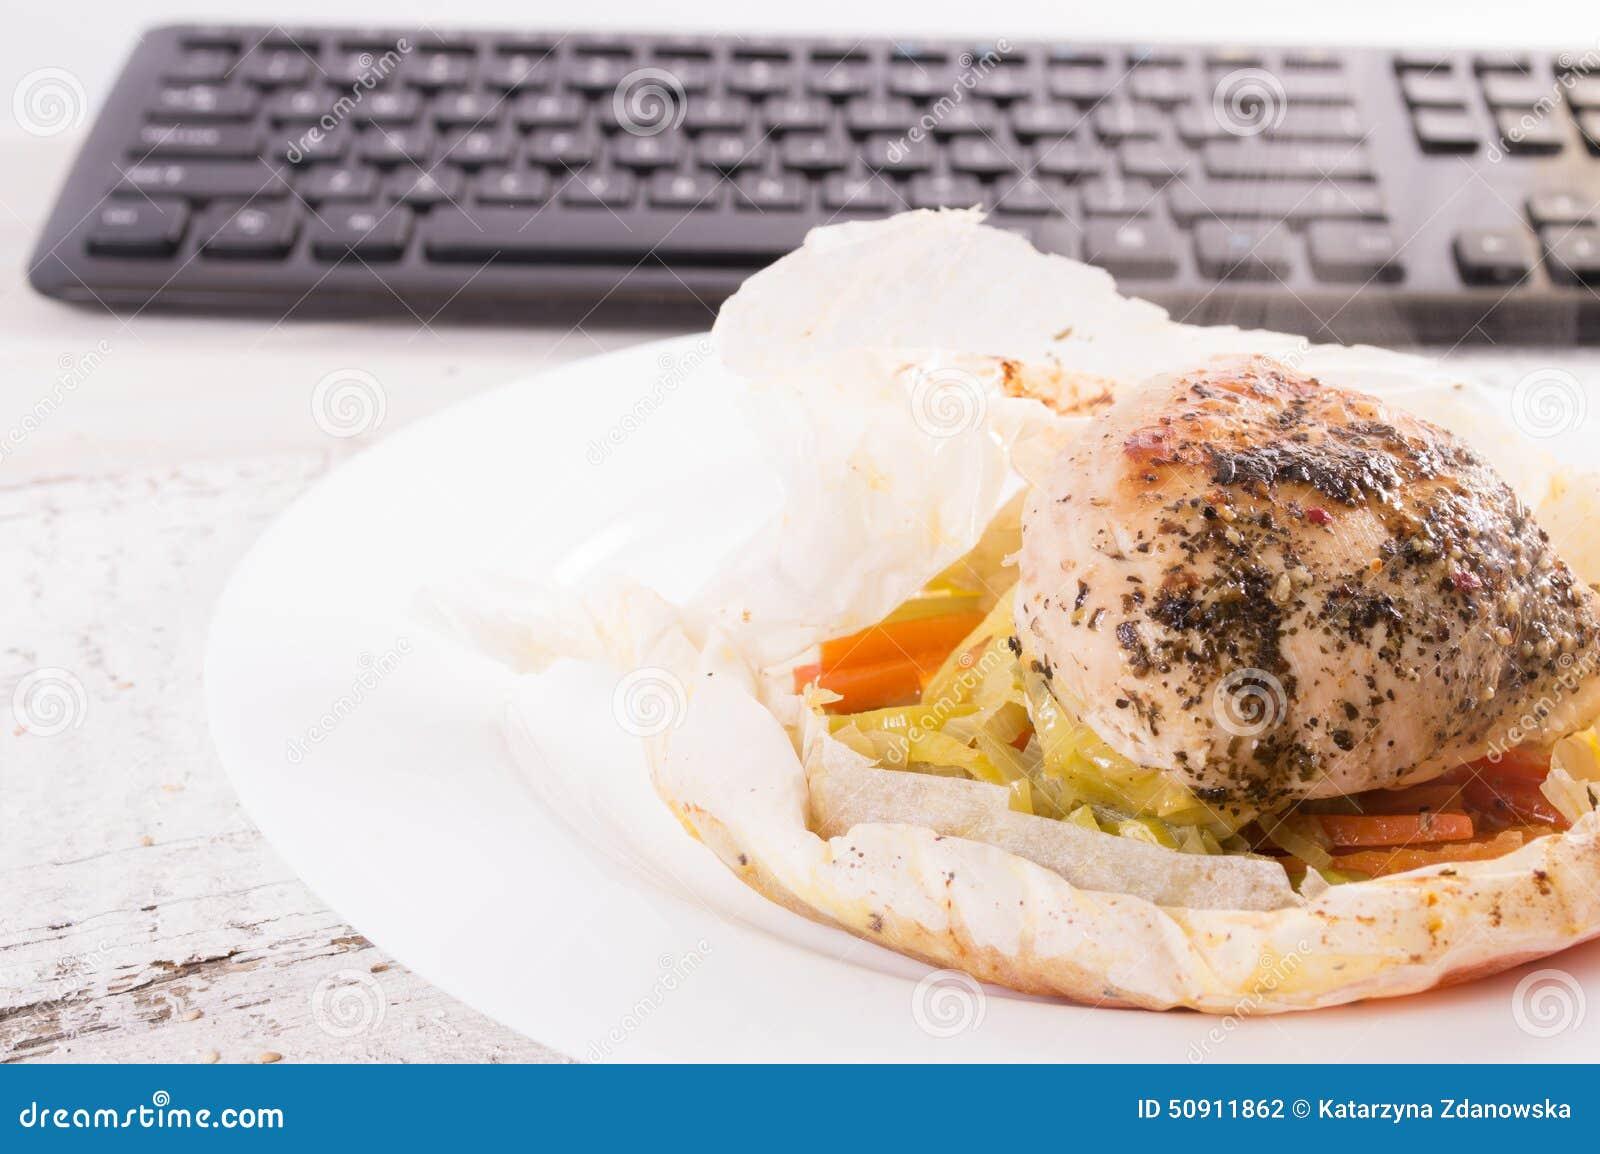 Diatetisches Lebensmittel Fur Arbeit Mittagessen Bei Der Arbeit